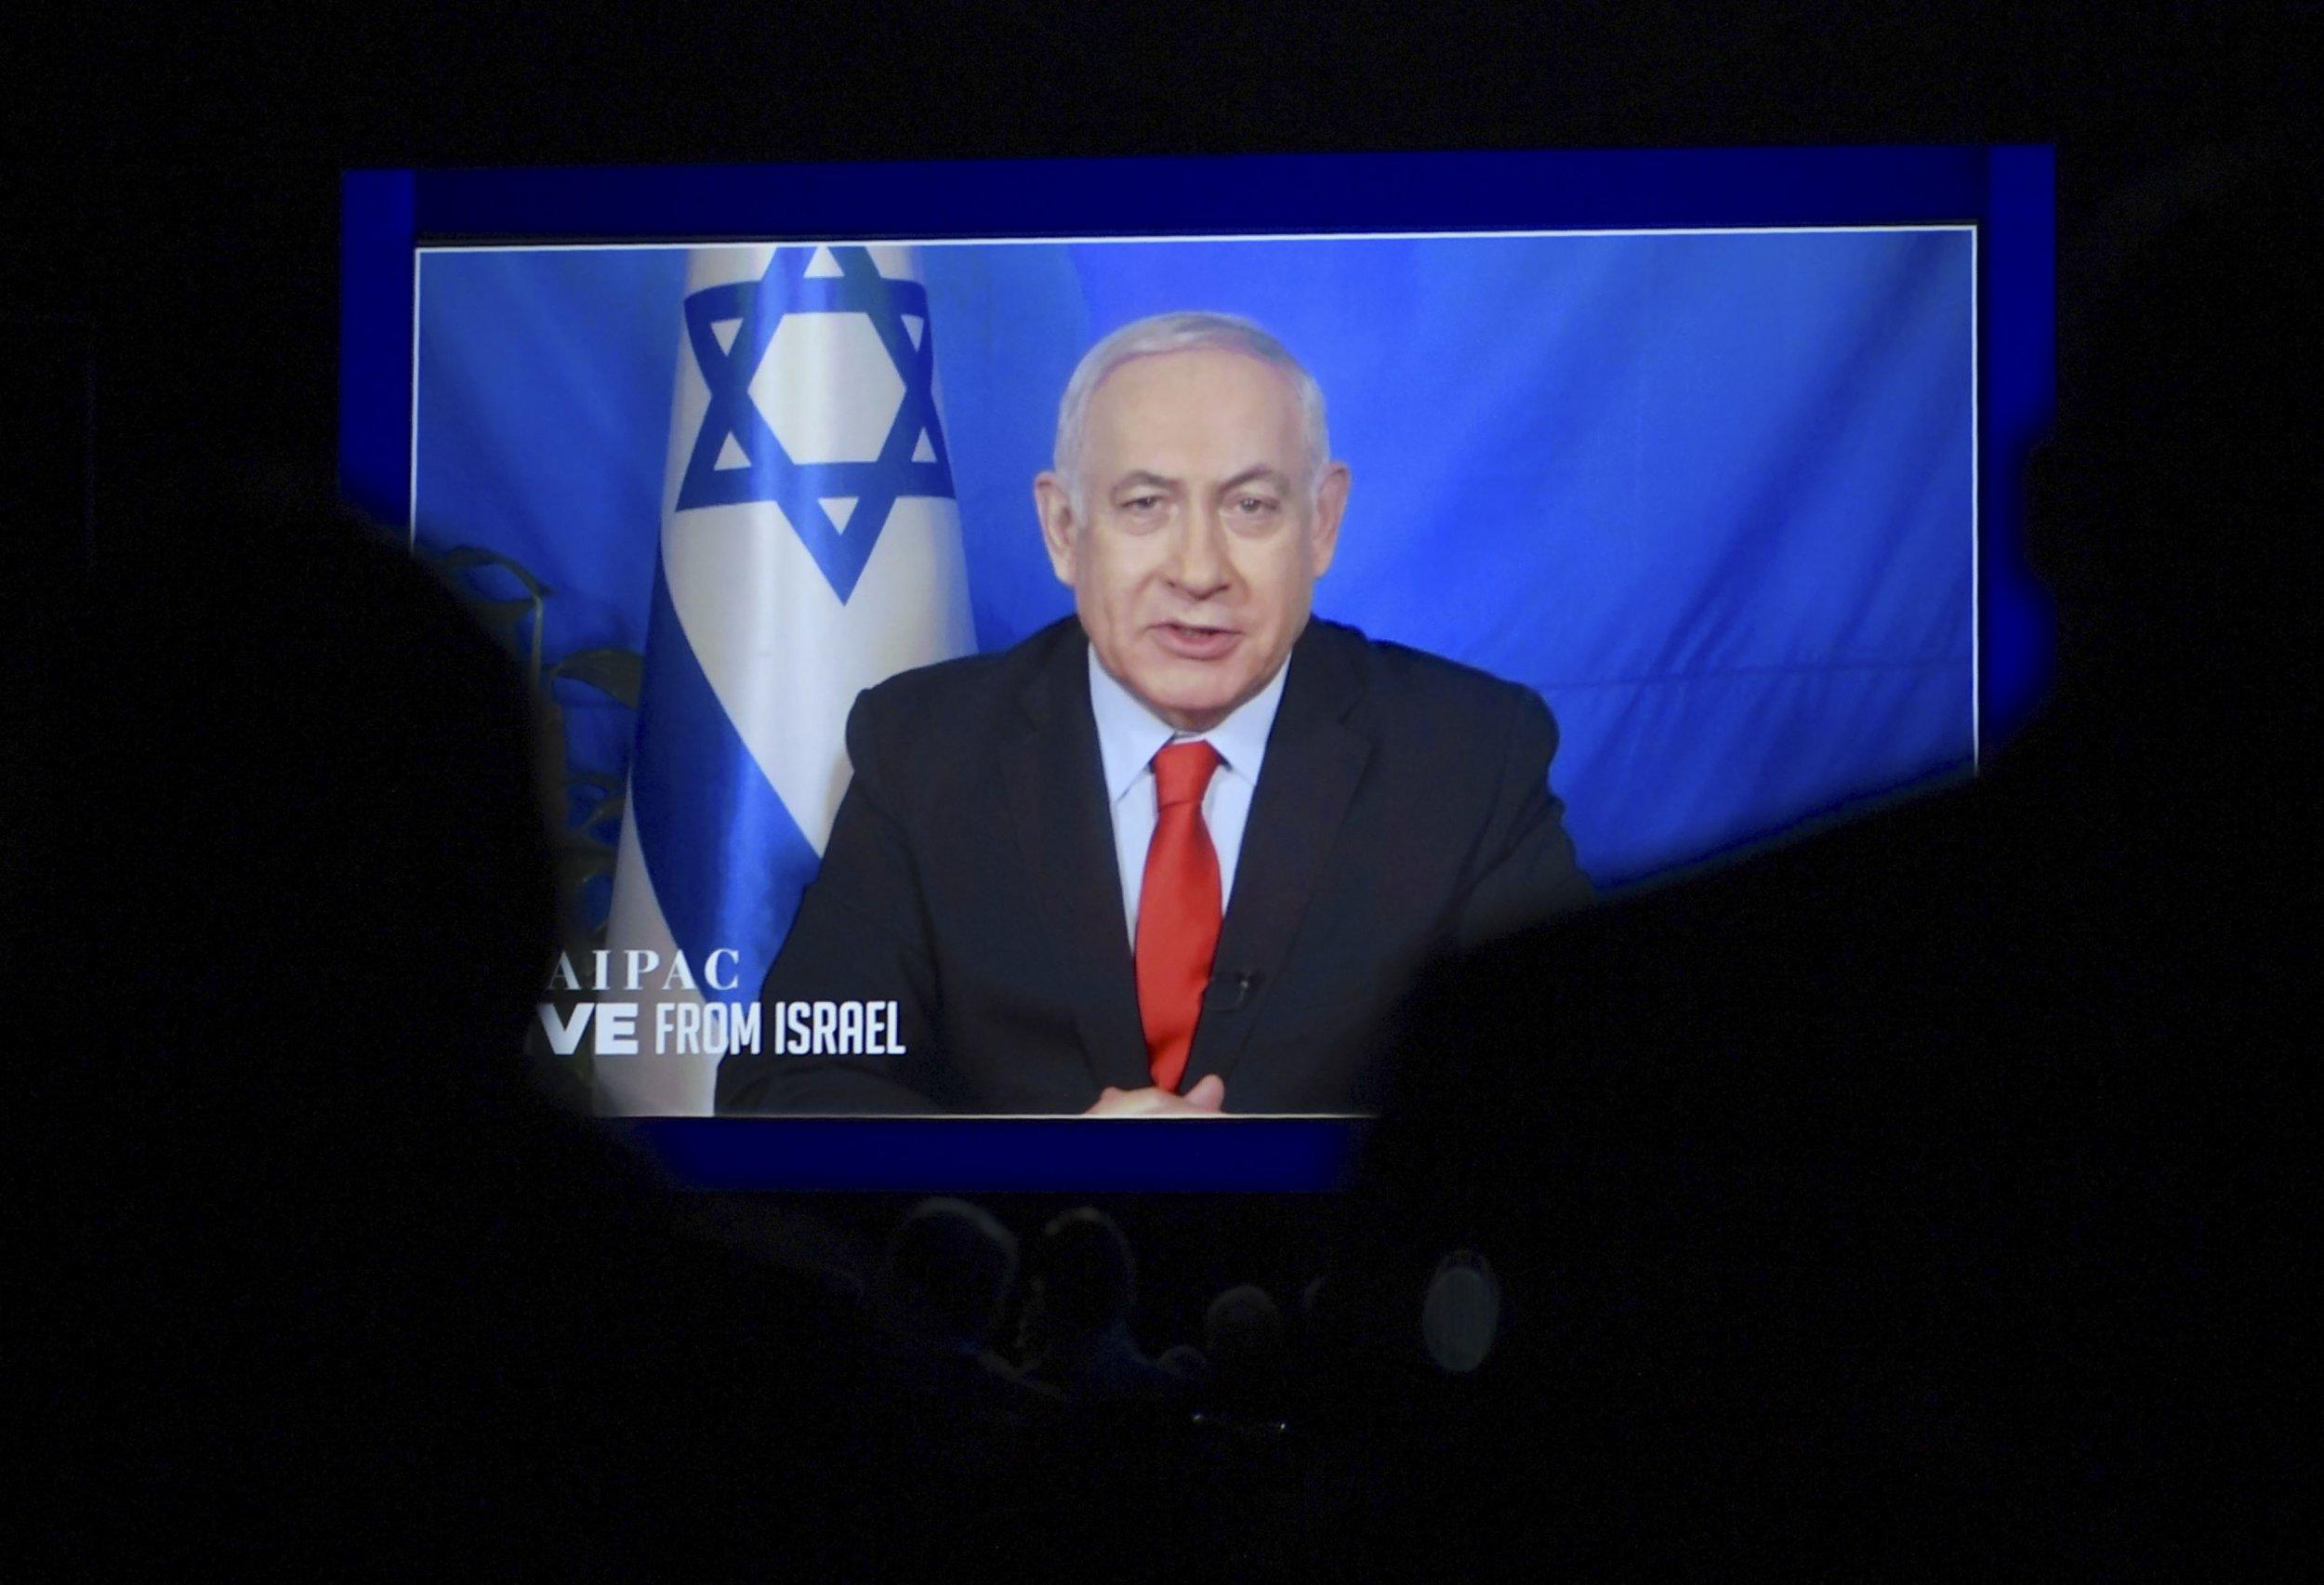 Benjamin Netanyahu Ilhan Omar anti-Semitism Benjamins